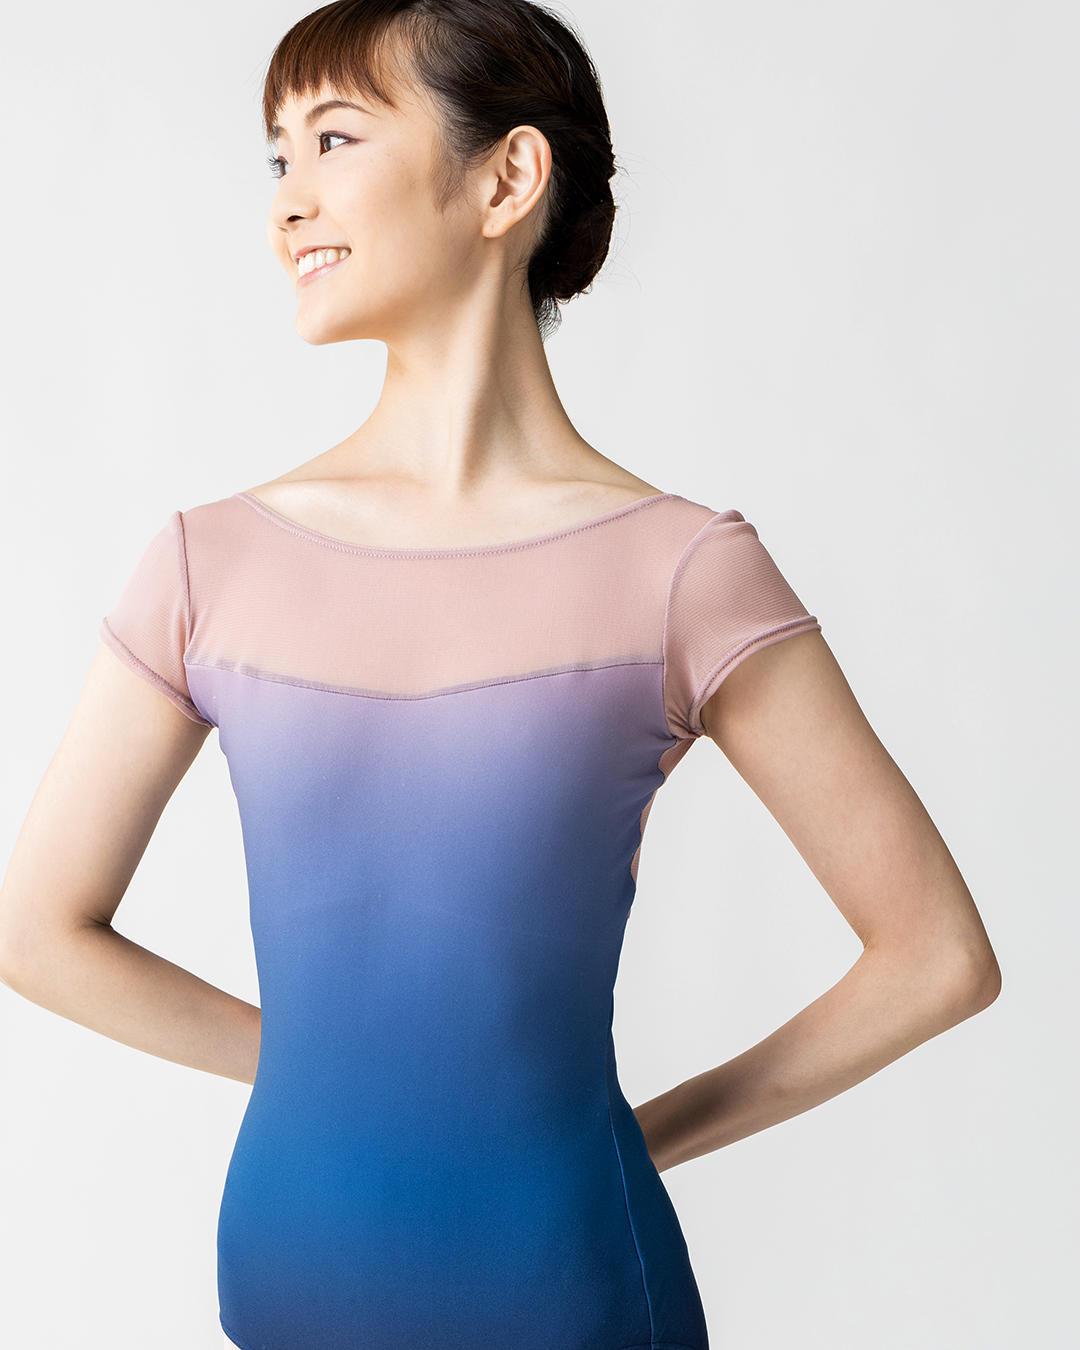 0909_ballet_new_9.jpg